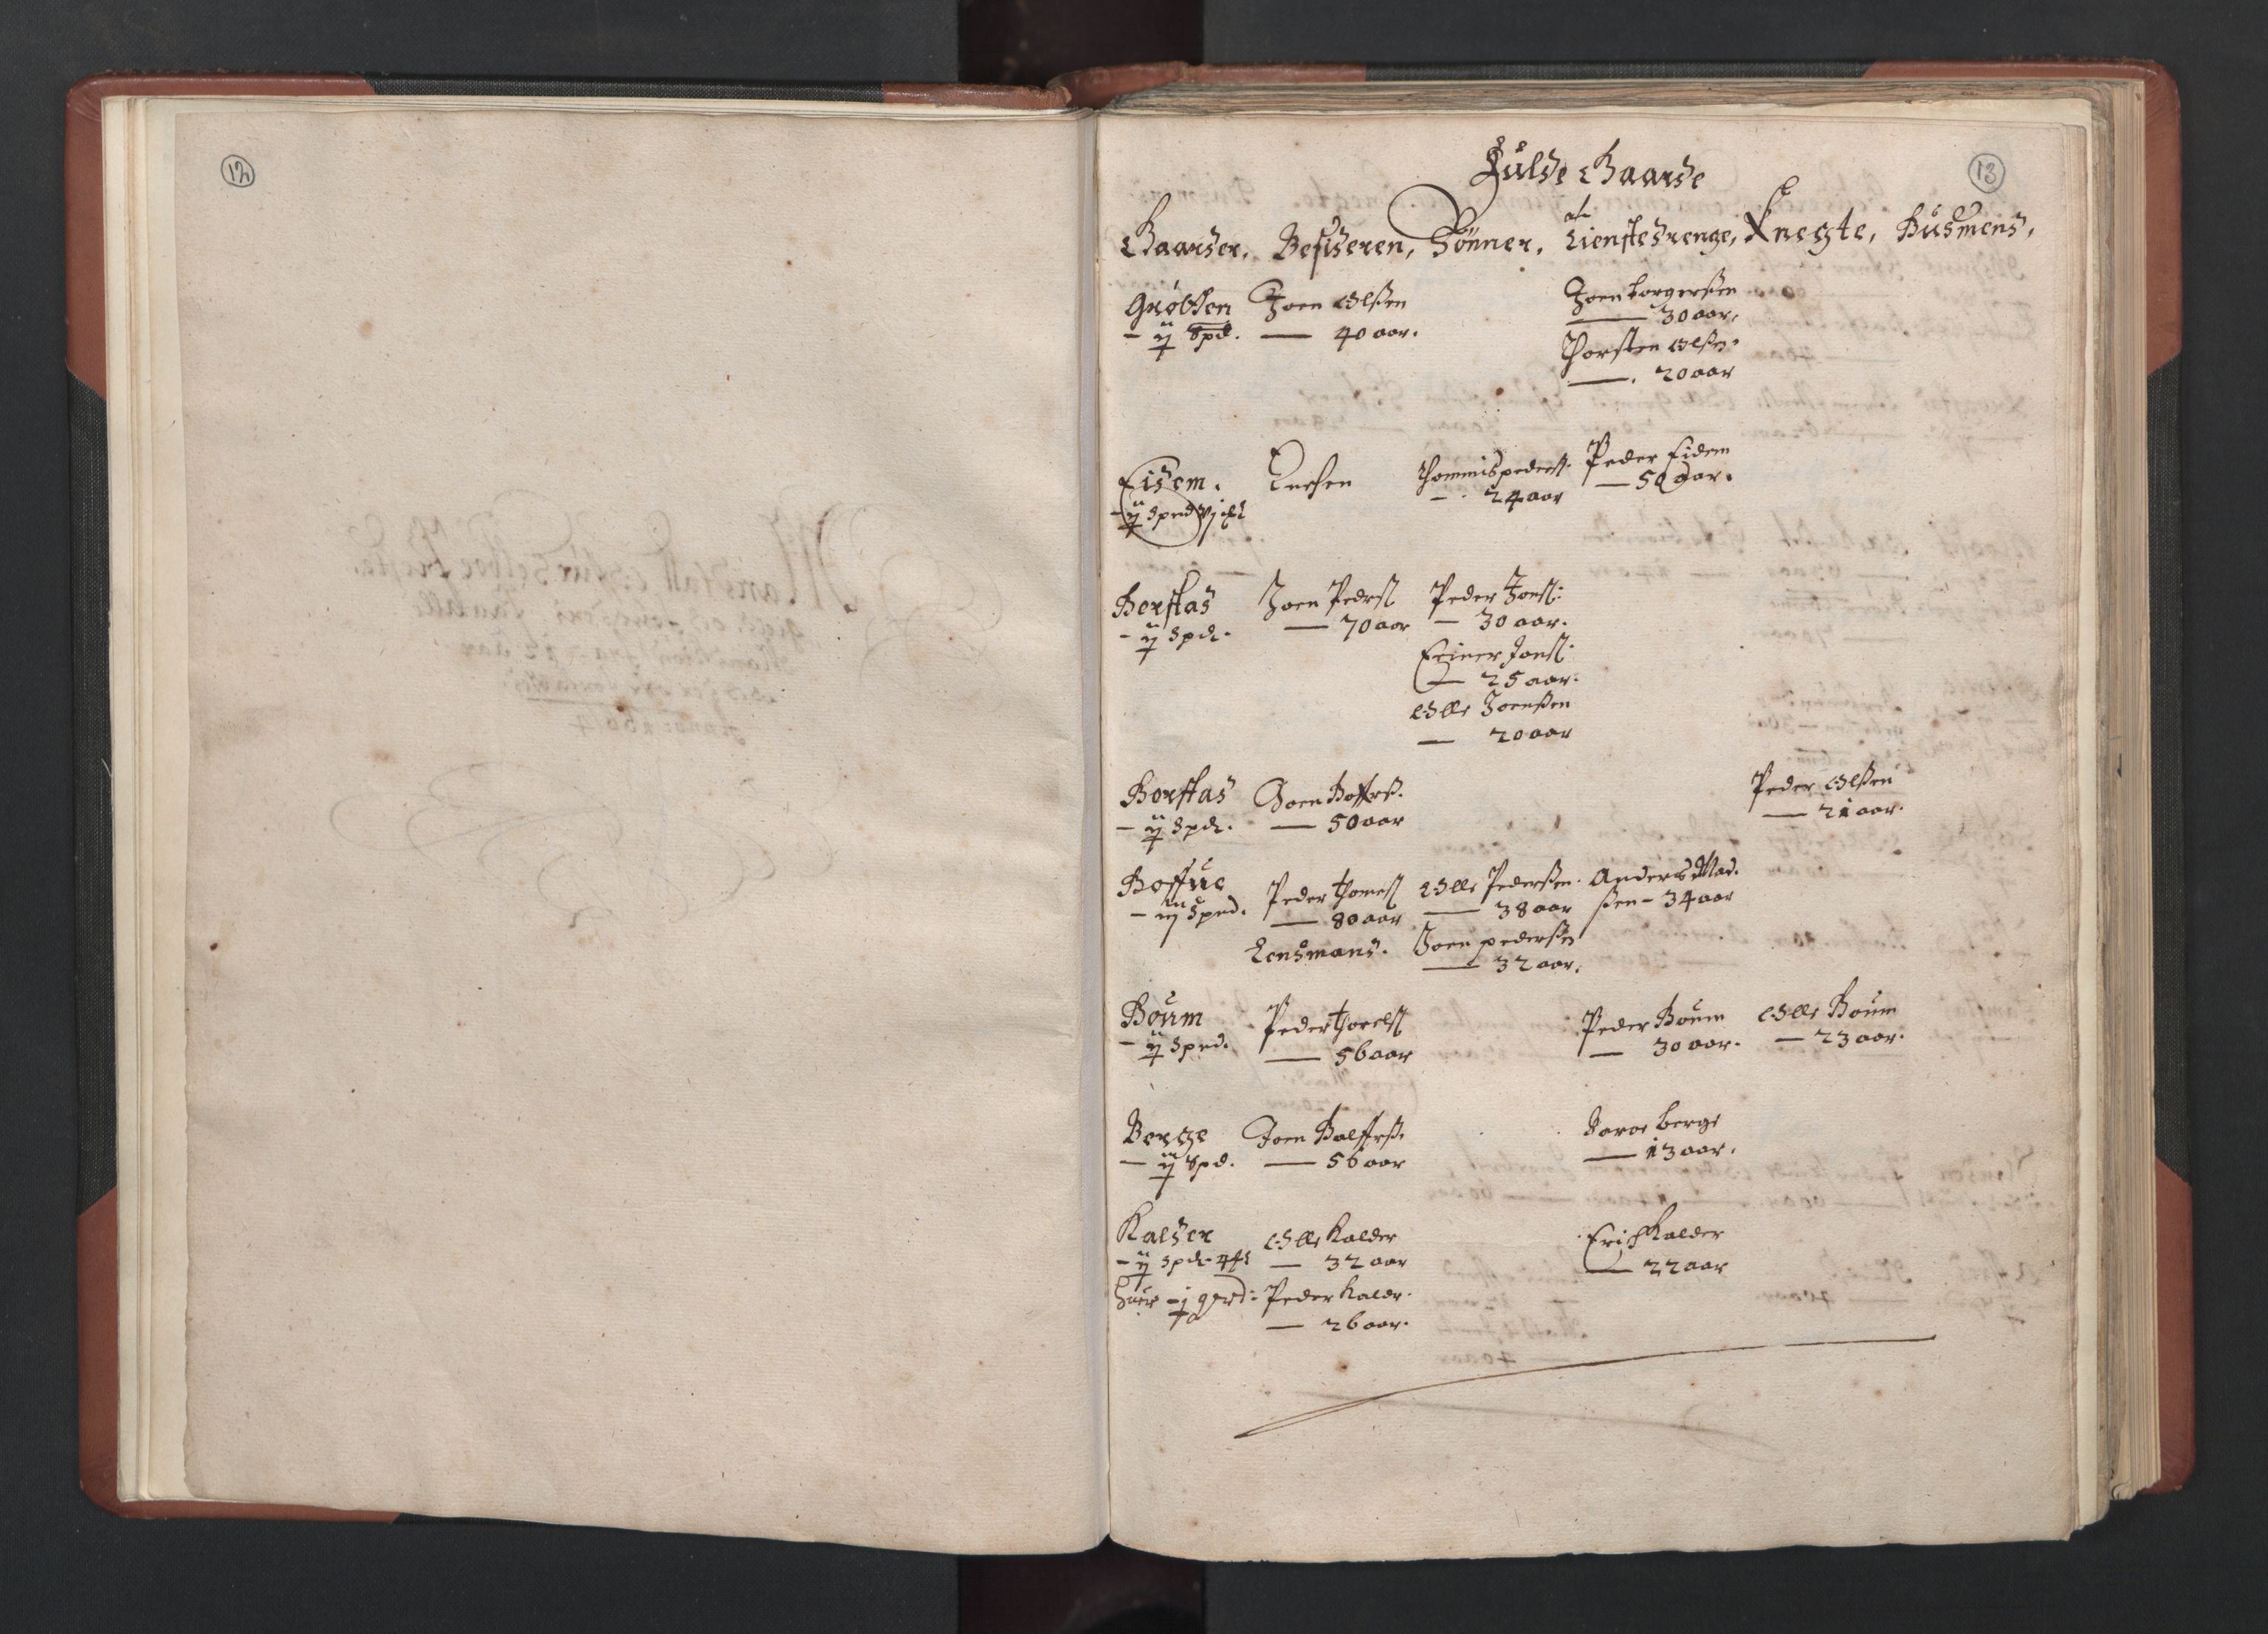 RA, Fogdenes og sorenskrivernes manntall 1664-1666, nr. 19: Fosen fogderi, Inderøy fogderi, Selbu fogderi, Namdal fogderi og Stjørdal fogderi, 1664-1665, s. 12-13